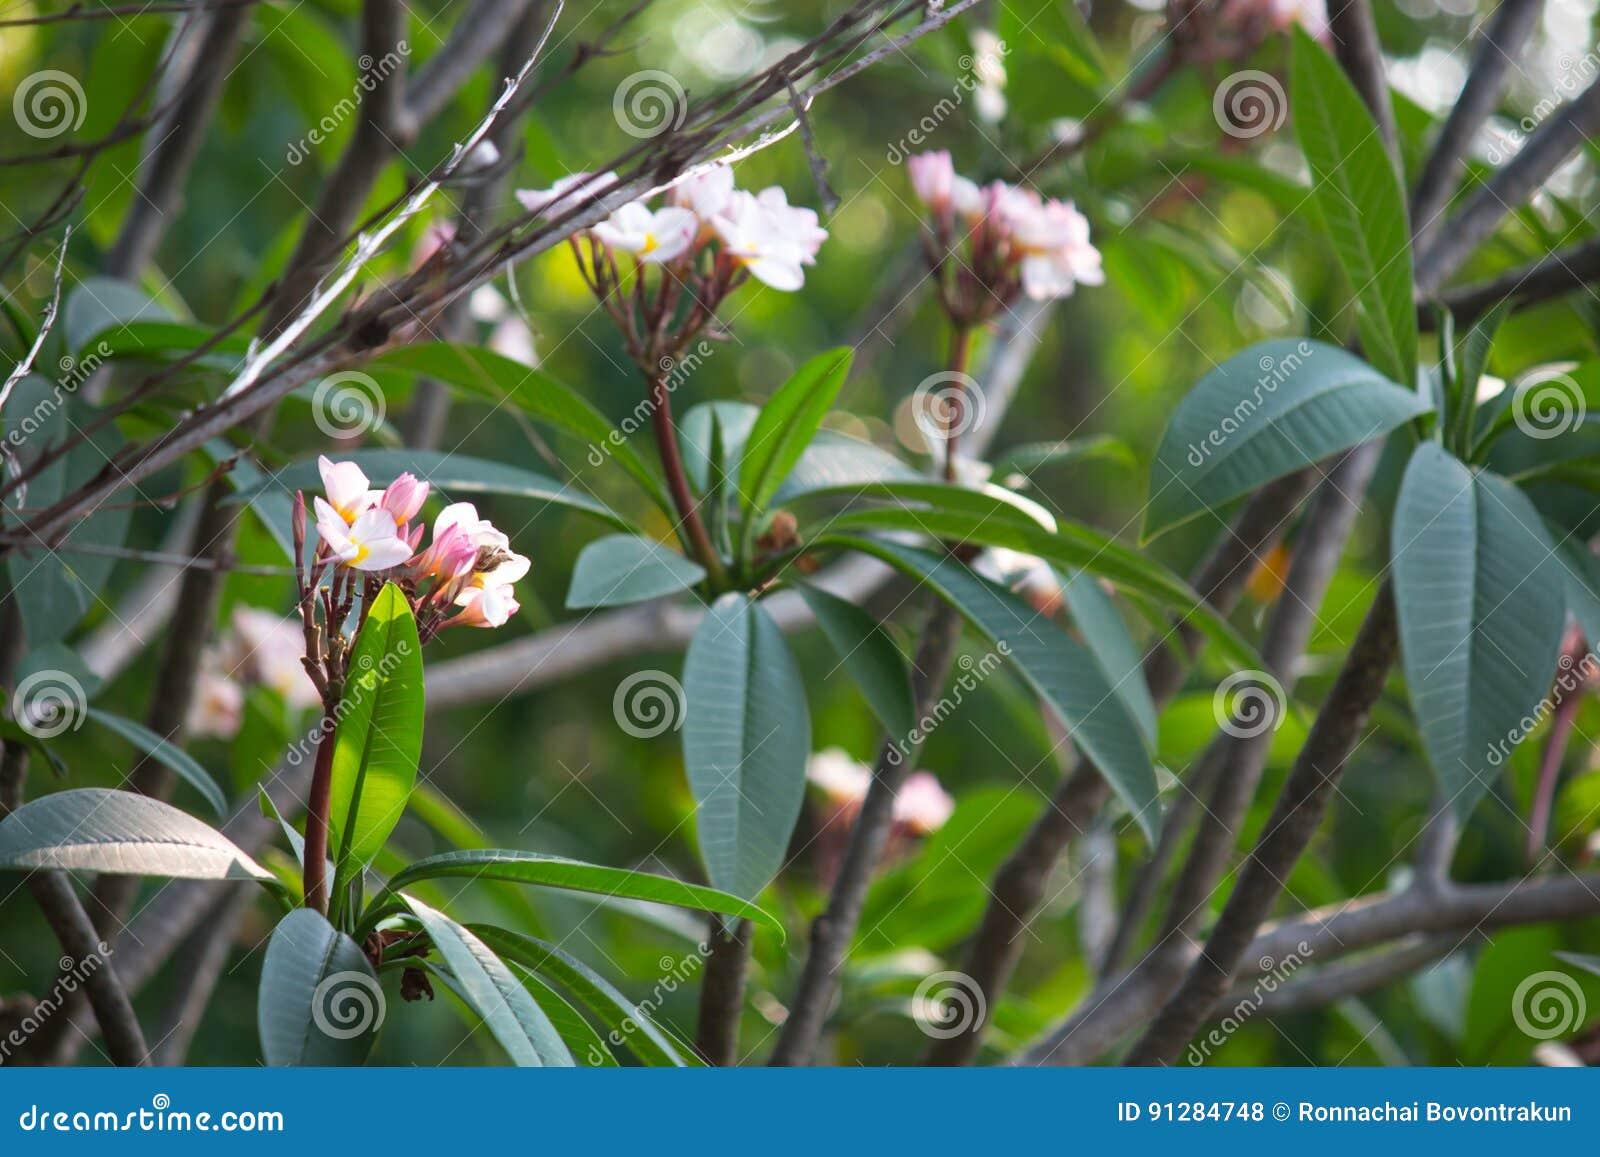 Plumeriafrangipanien blommar med bladet på träd